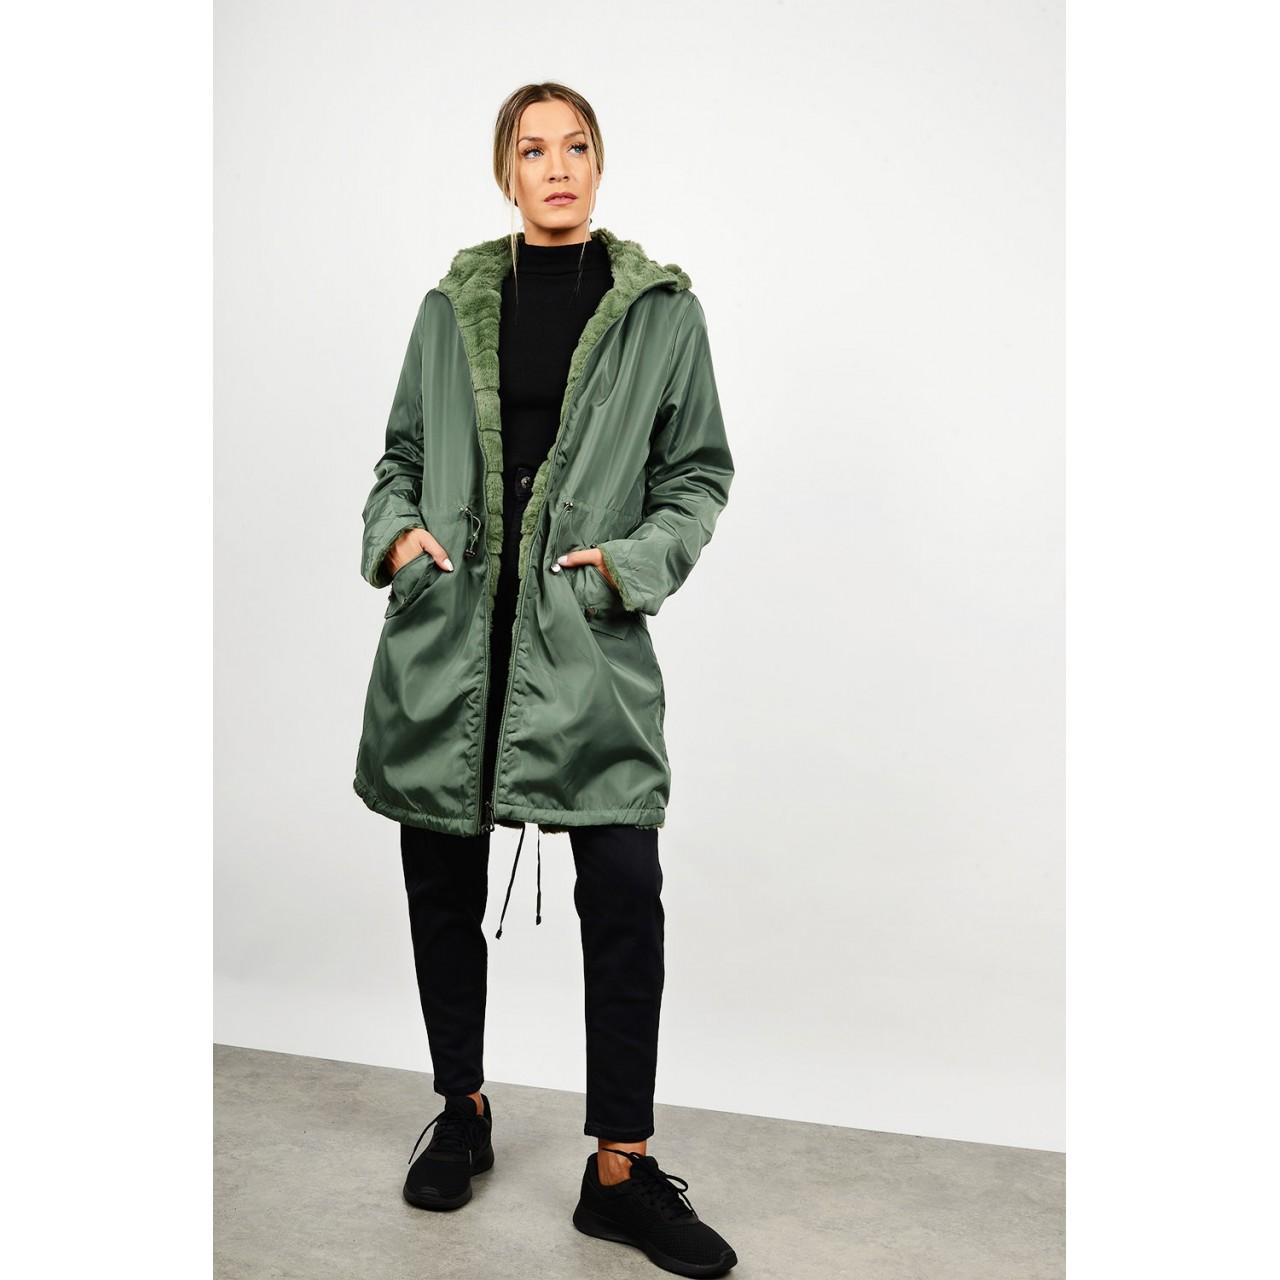 Fur/Jacket double sieded